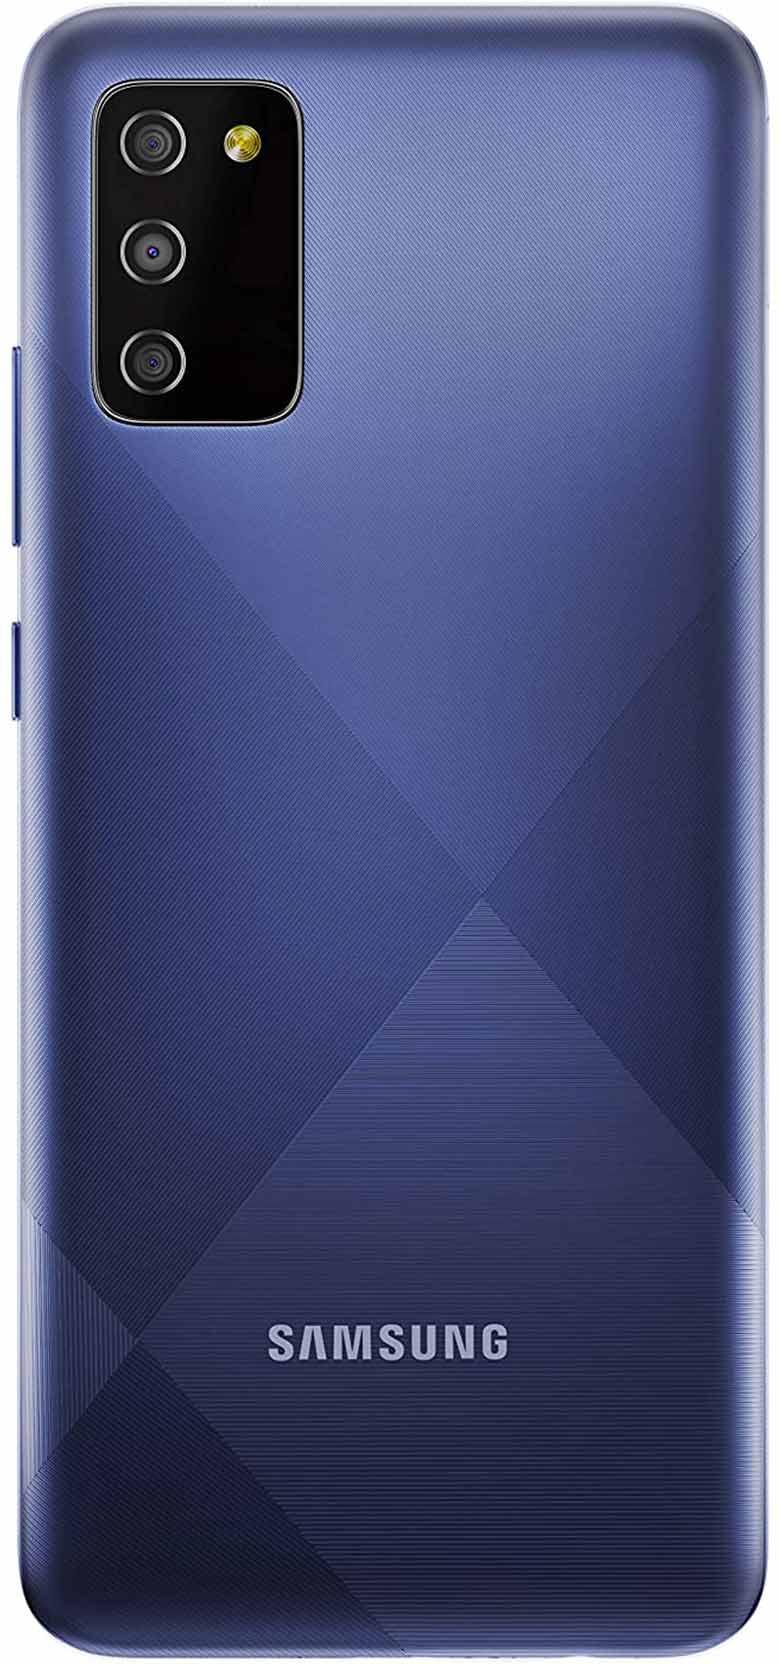 Samsung Galaxy M02s Blue 3GB | 32GB